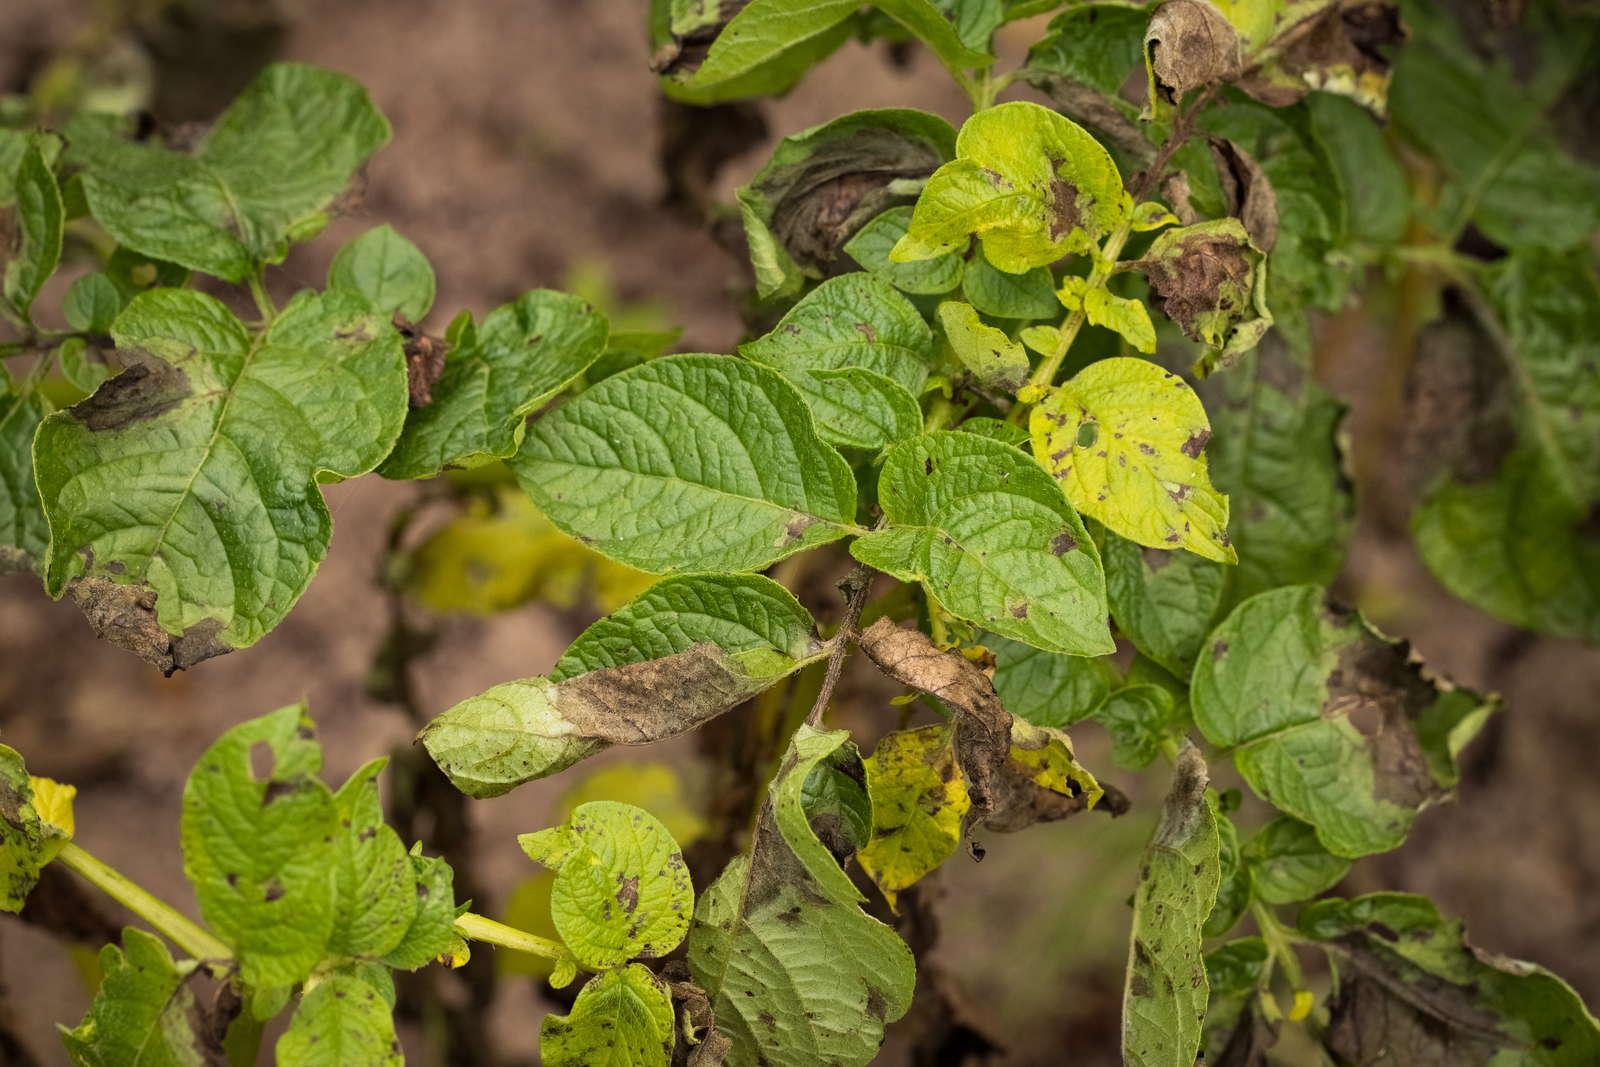 pflanzenschutz archives - seite 2 von 8 - plantura